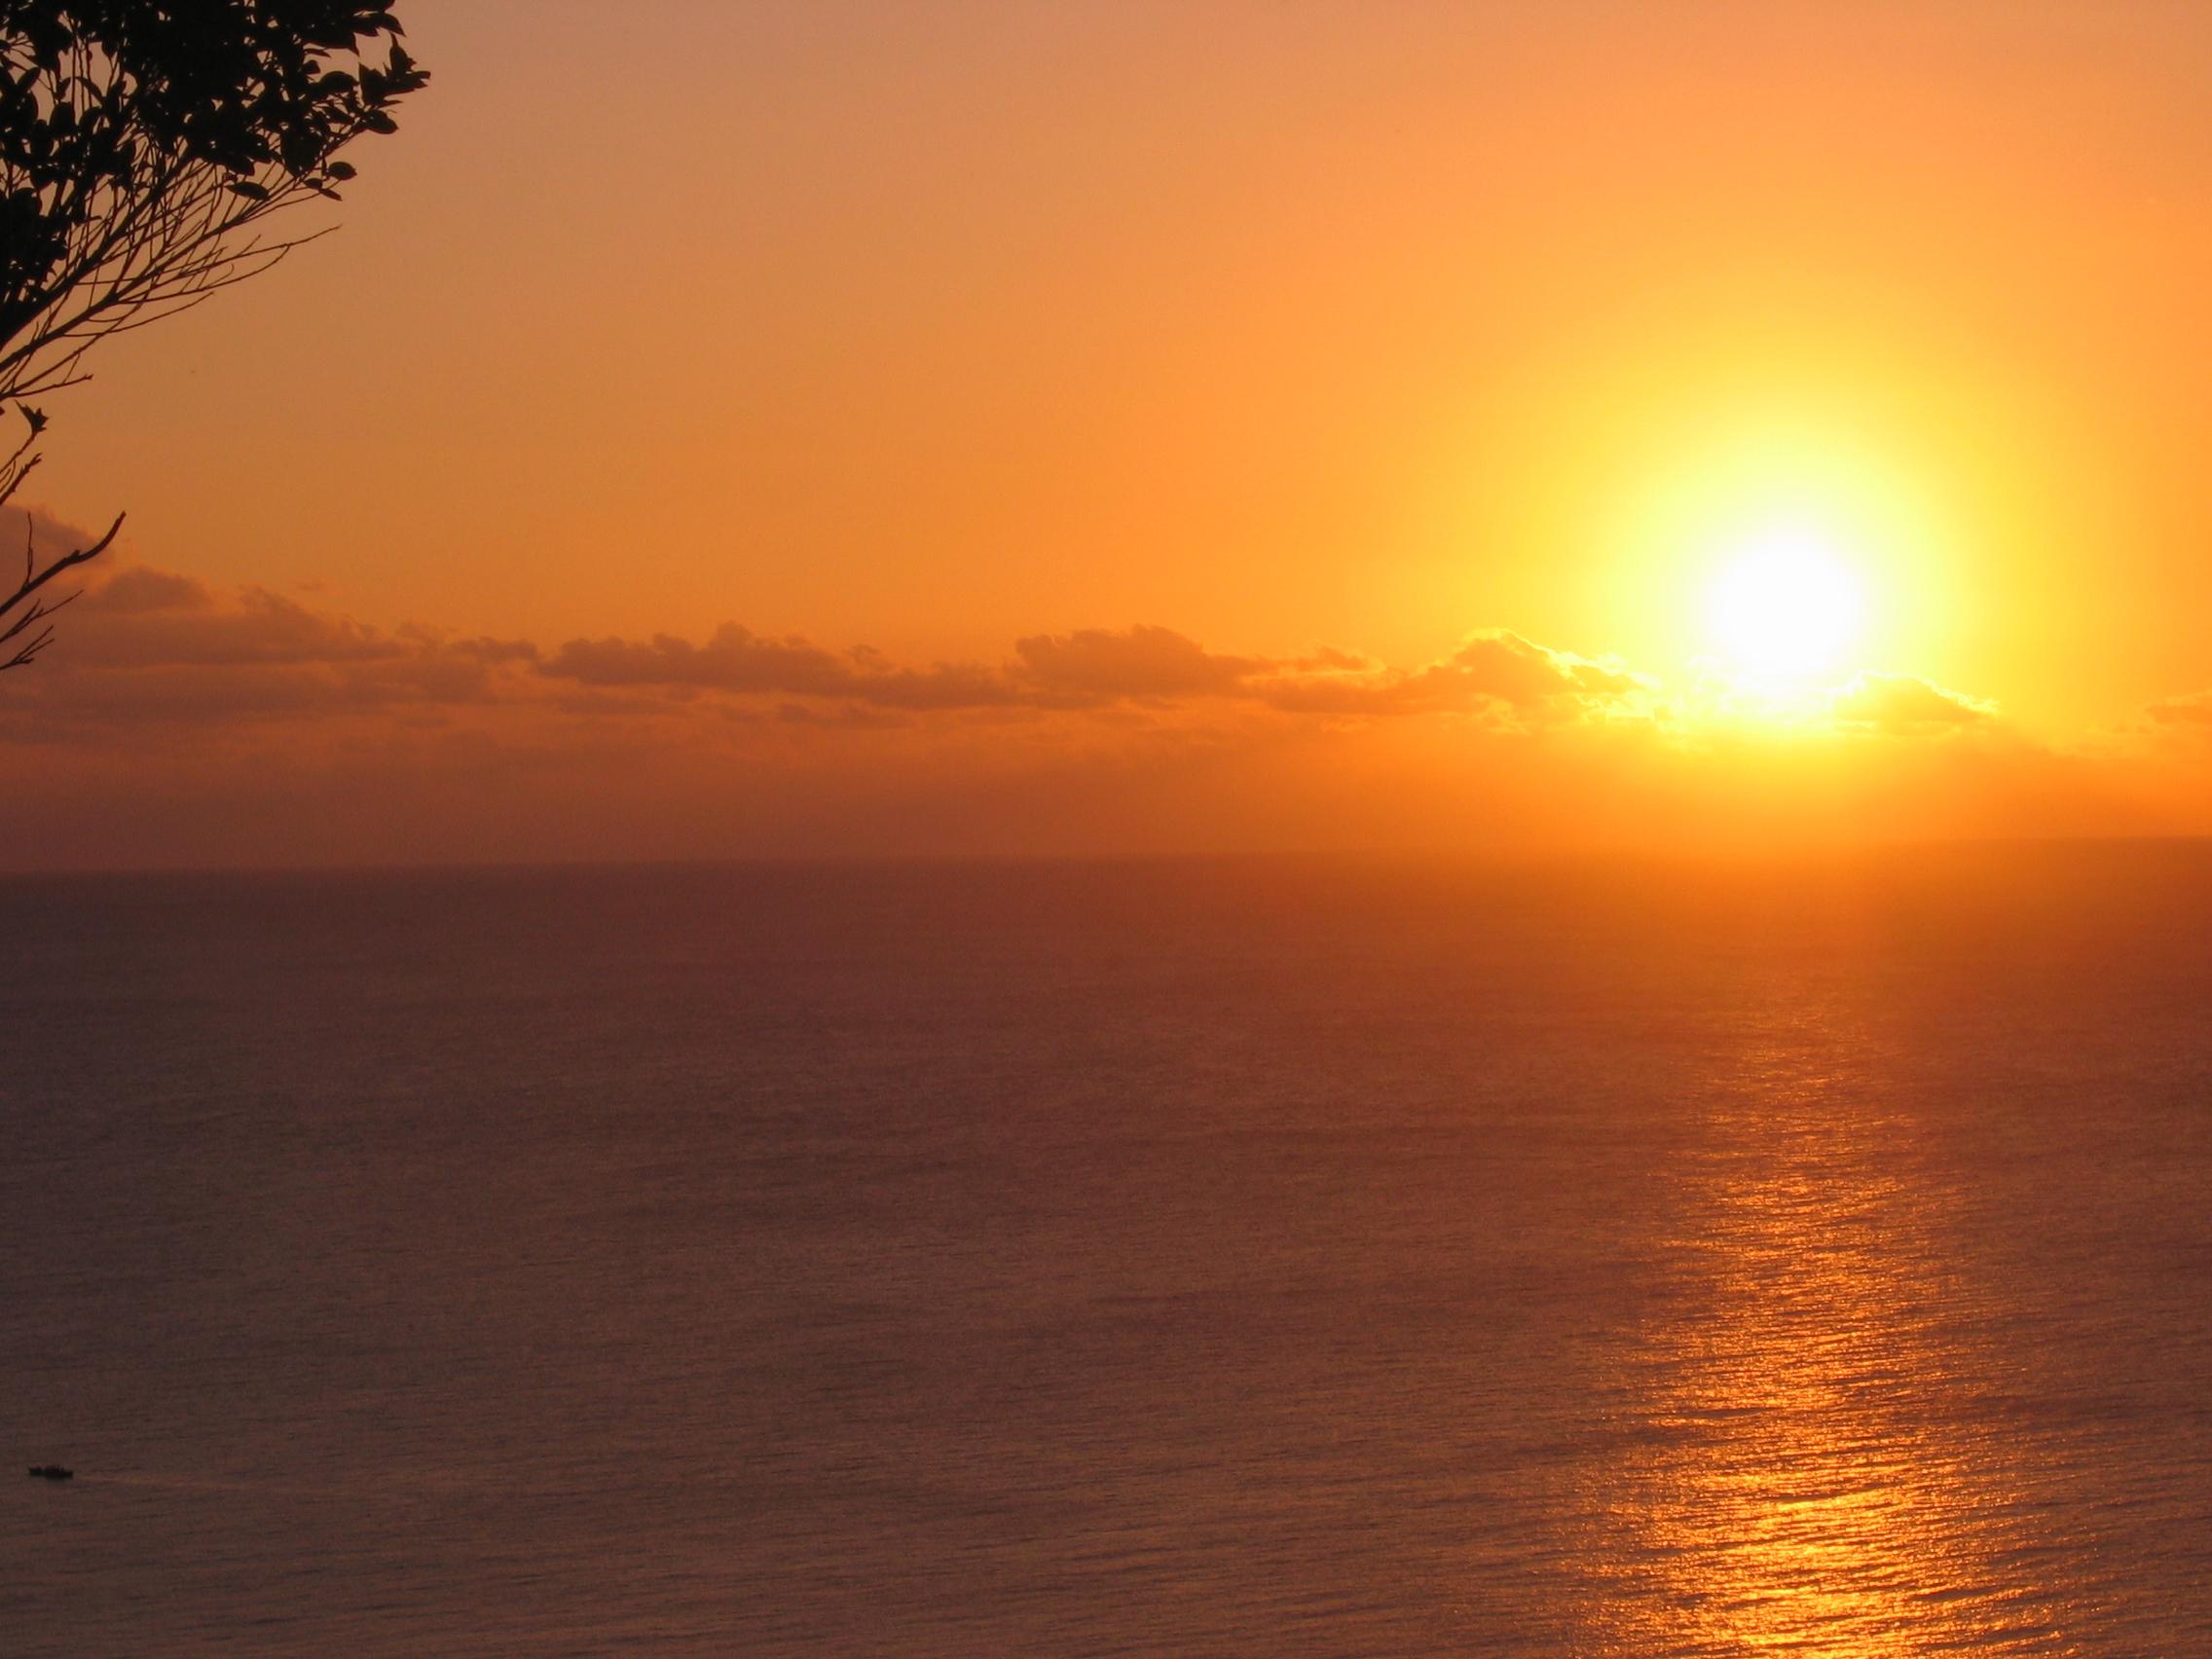 關山超美夕陽